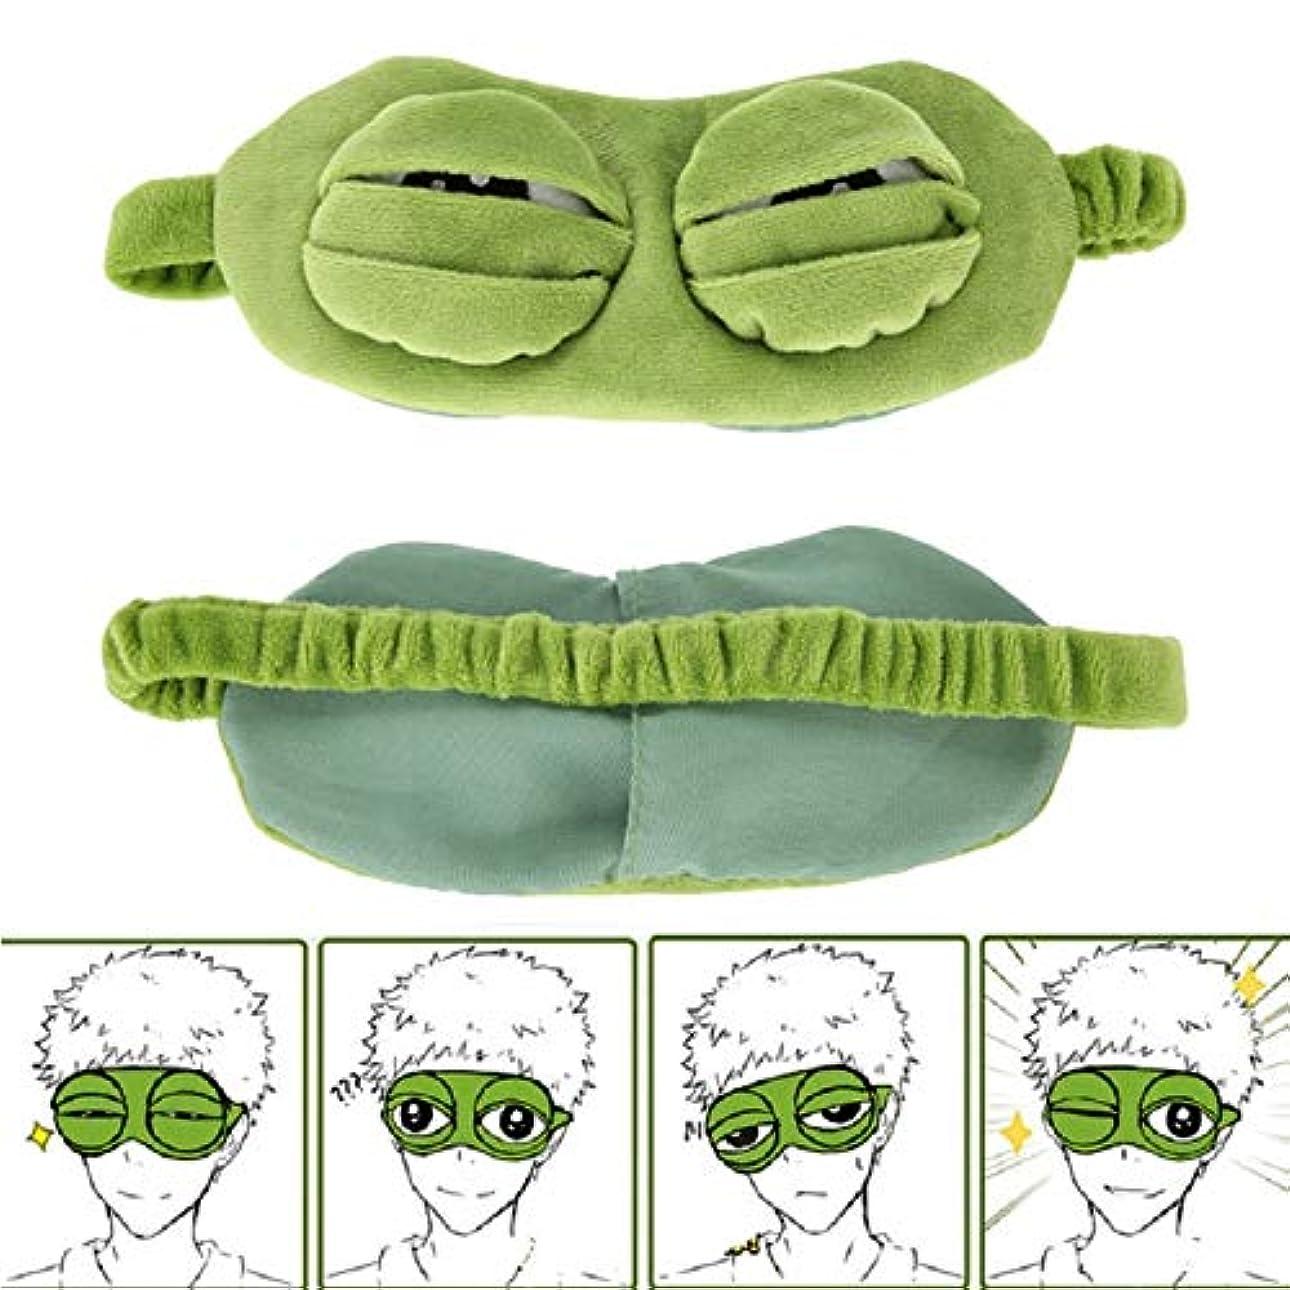 コメンテーター承認する反逆者NOTE かわいい目のマスクカバーぬいぐるみ悲しい3Dカエルグリーンアイマスクカバーリラックス眠って休息旅行睡眠アニメ面白いギフト美容ゴーグル